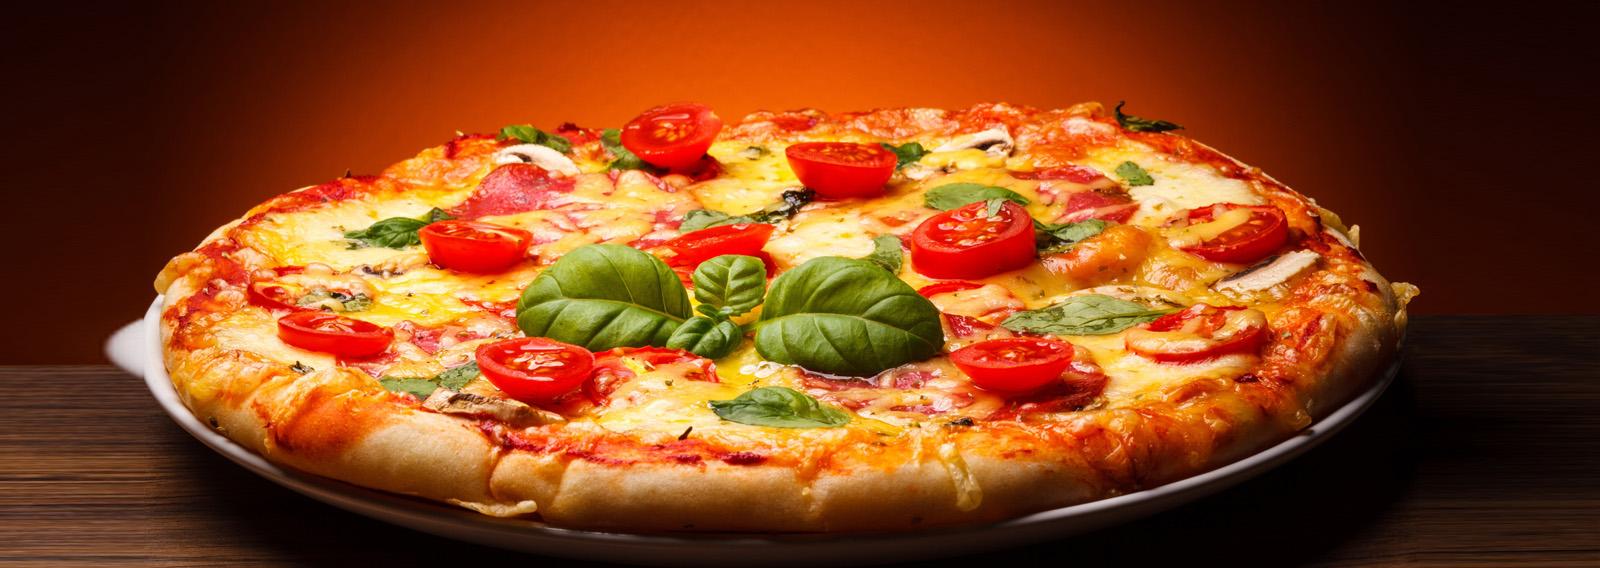 pizzzs.jpg